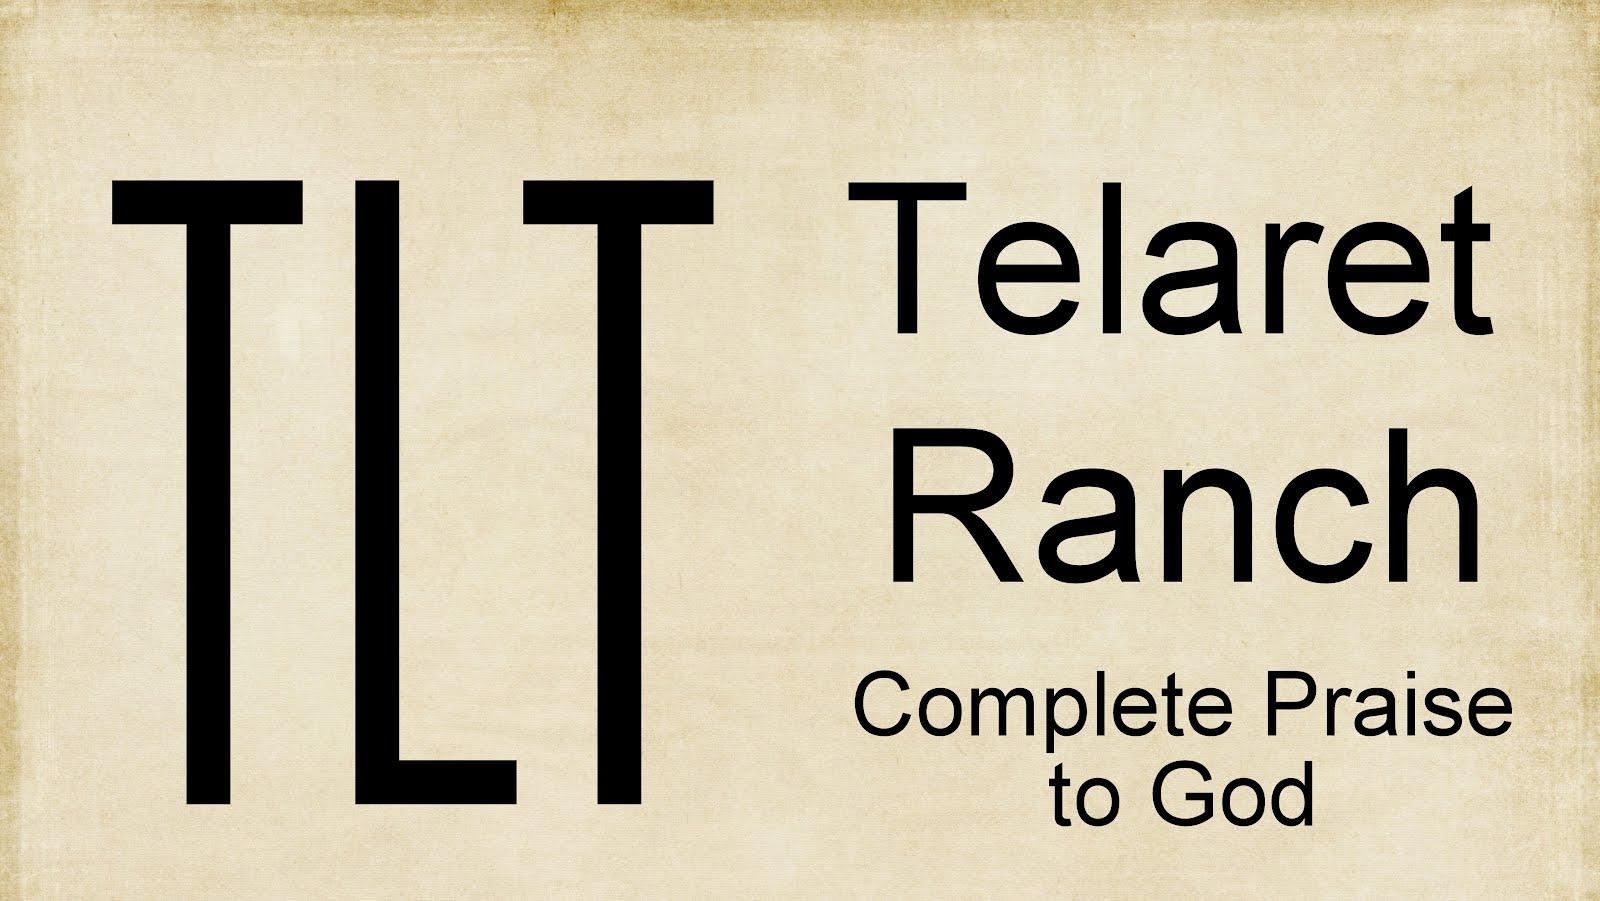 Telaret Ranch